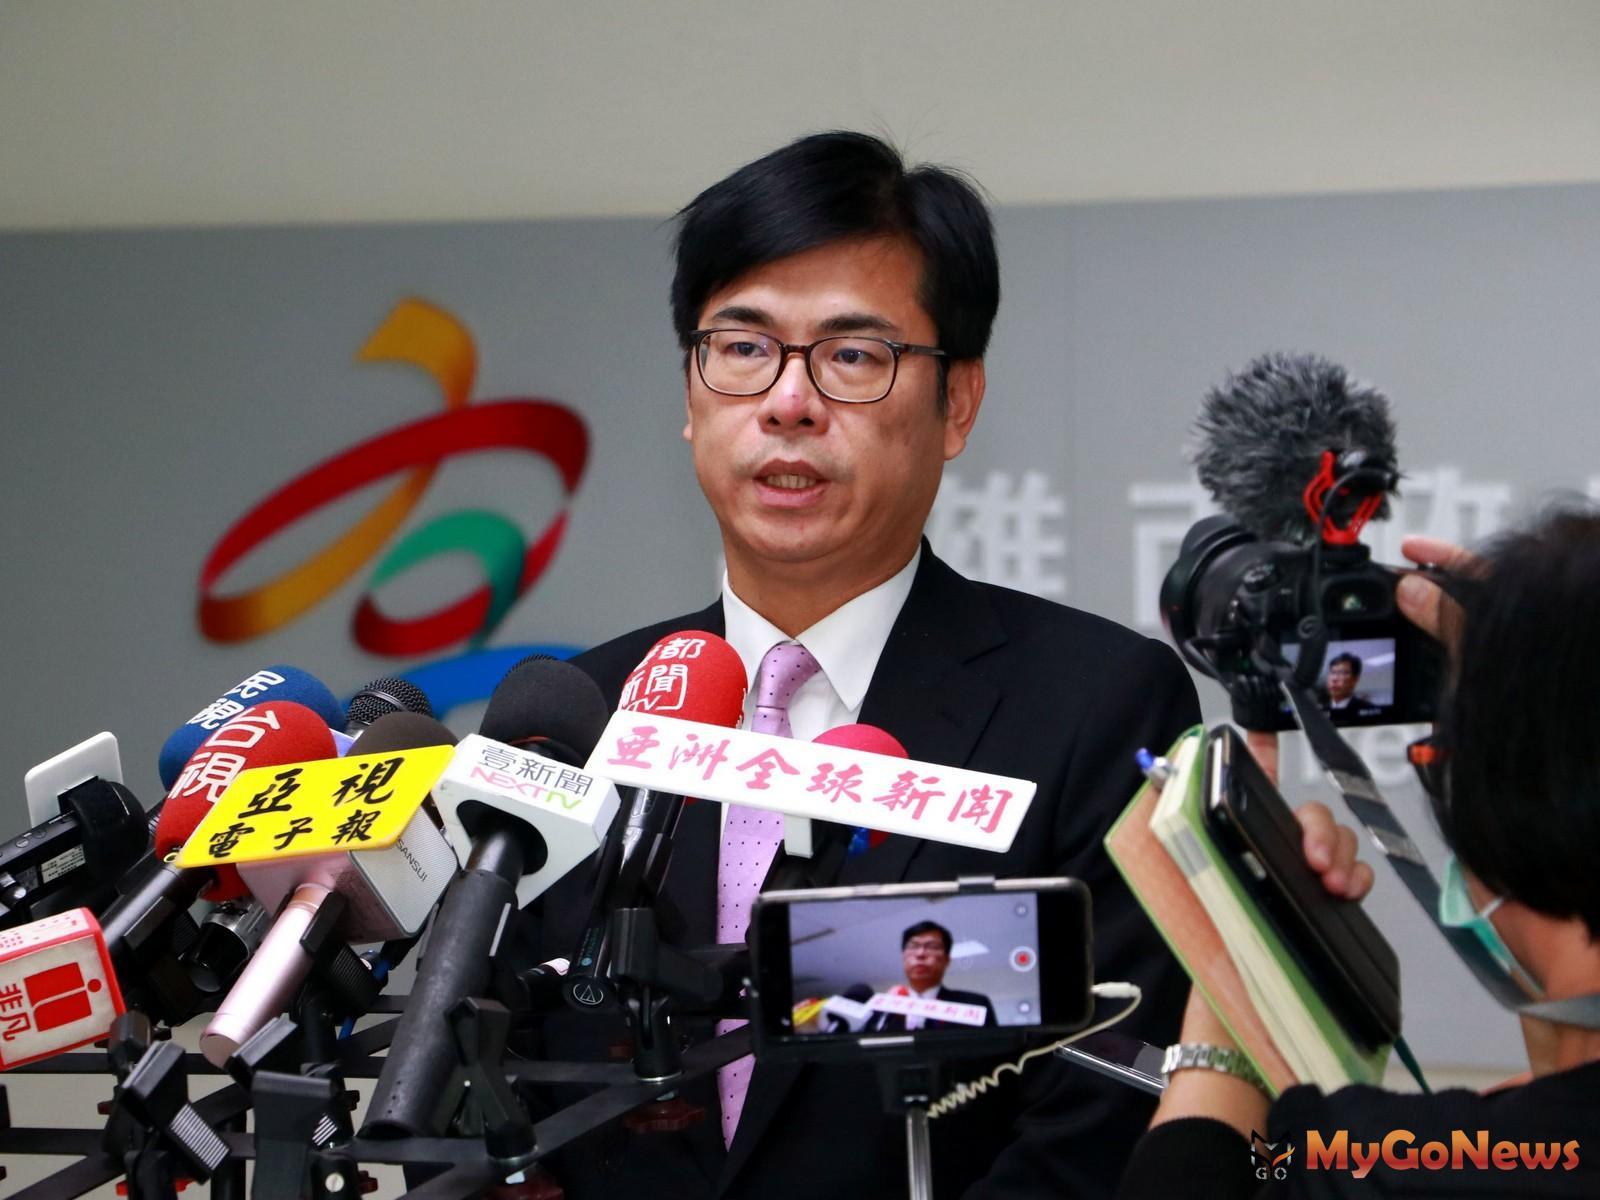 力推5G、新創 陳其邁宣布成立智慧城市推動委員會(圖:高雄市政府) MyGoNews房地產新聞 區域情報